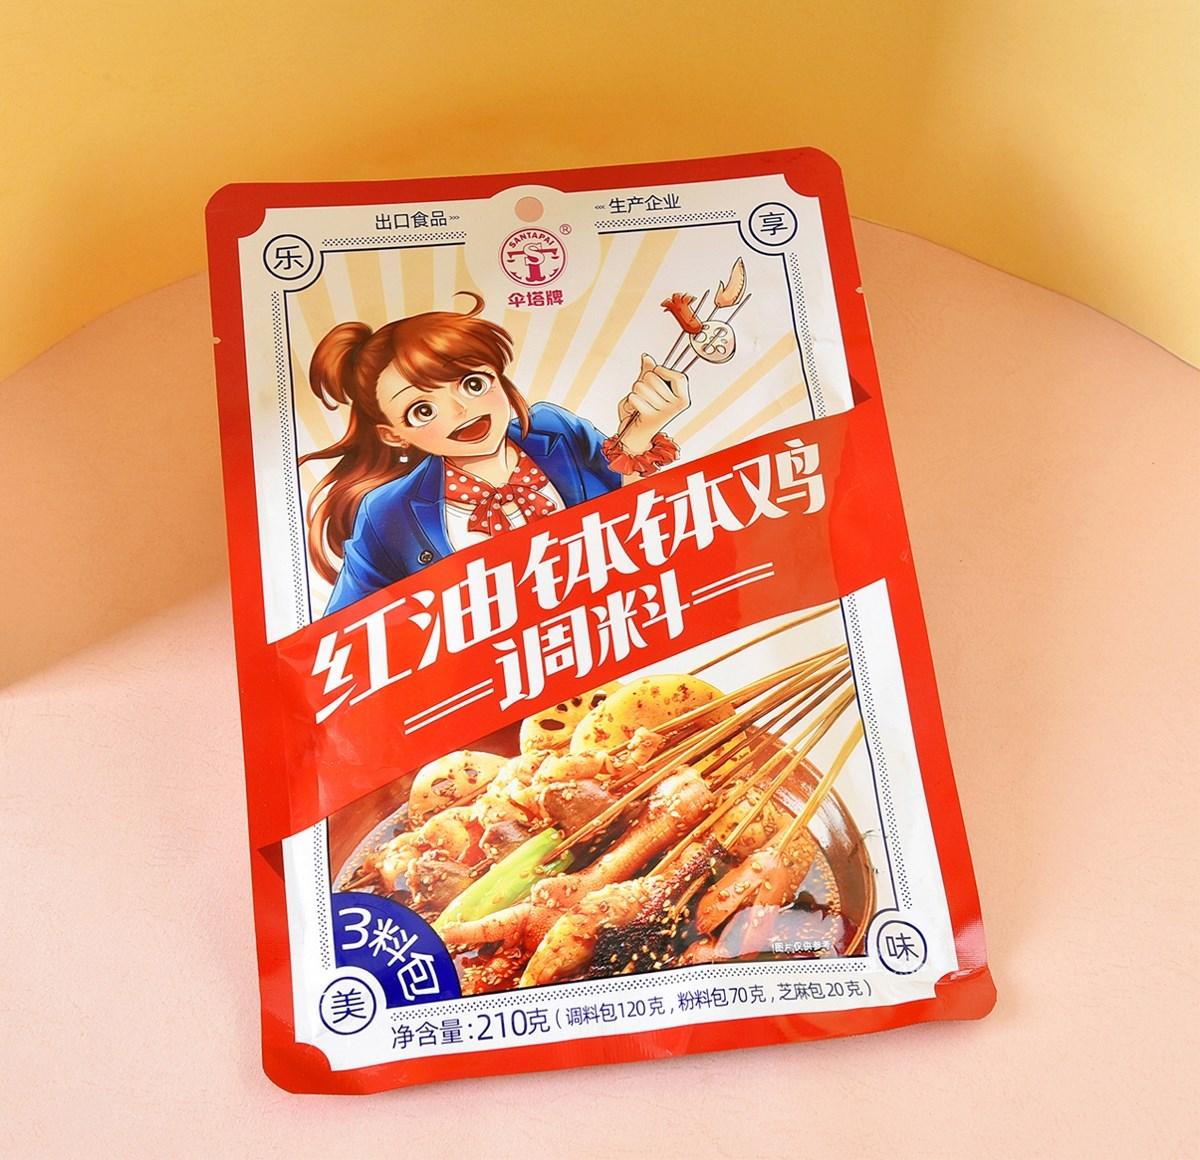 至美火麒麟 丨伞塔钵钵鸡丨 乐山特色丨包装设计